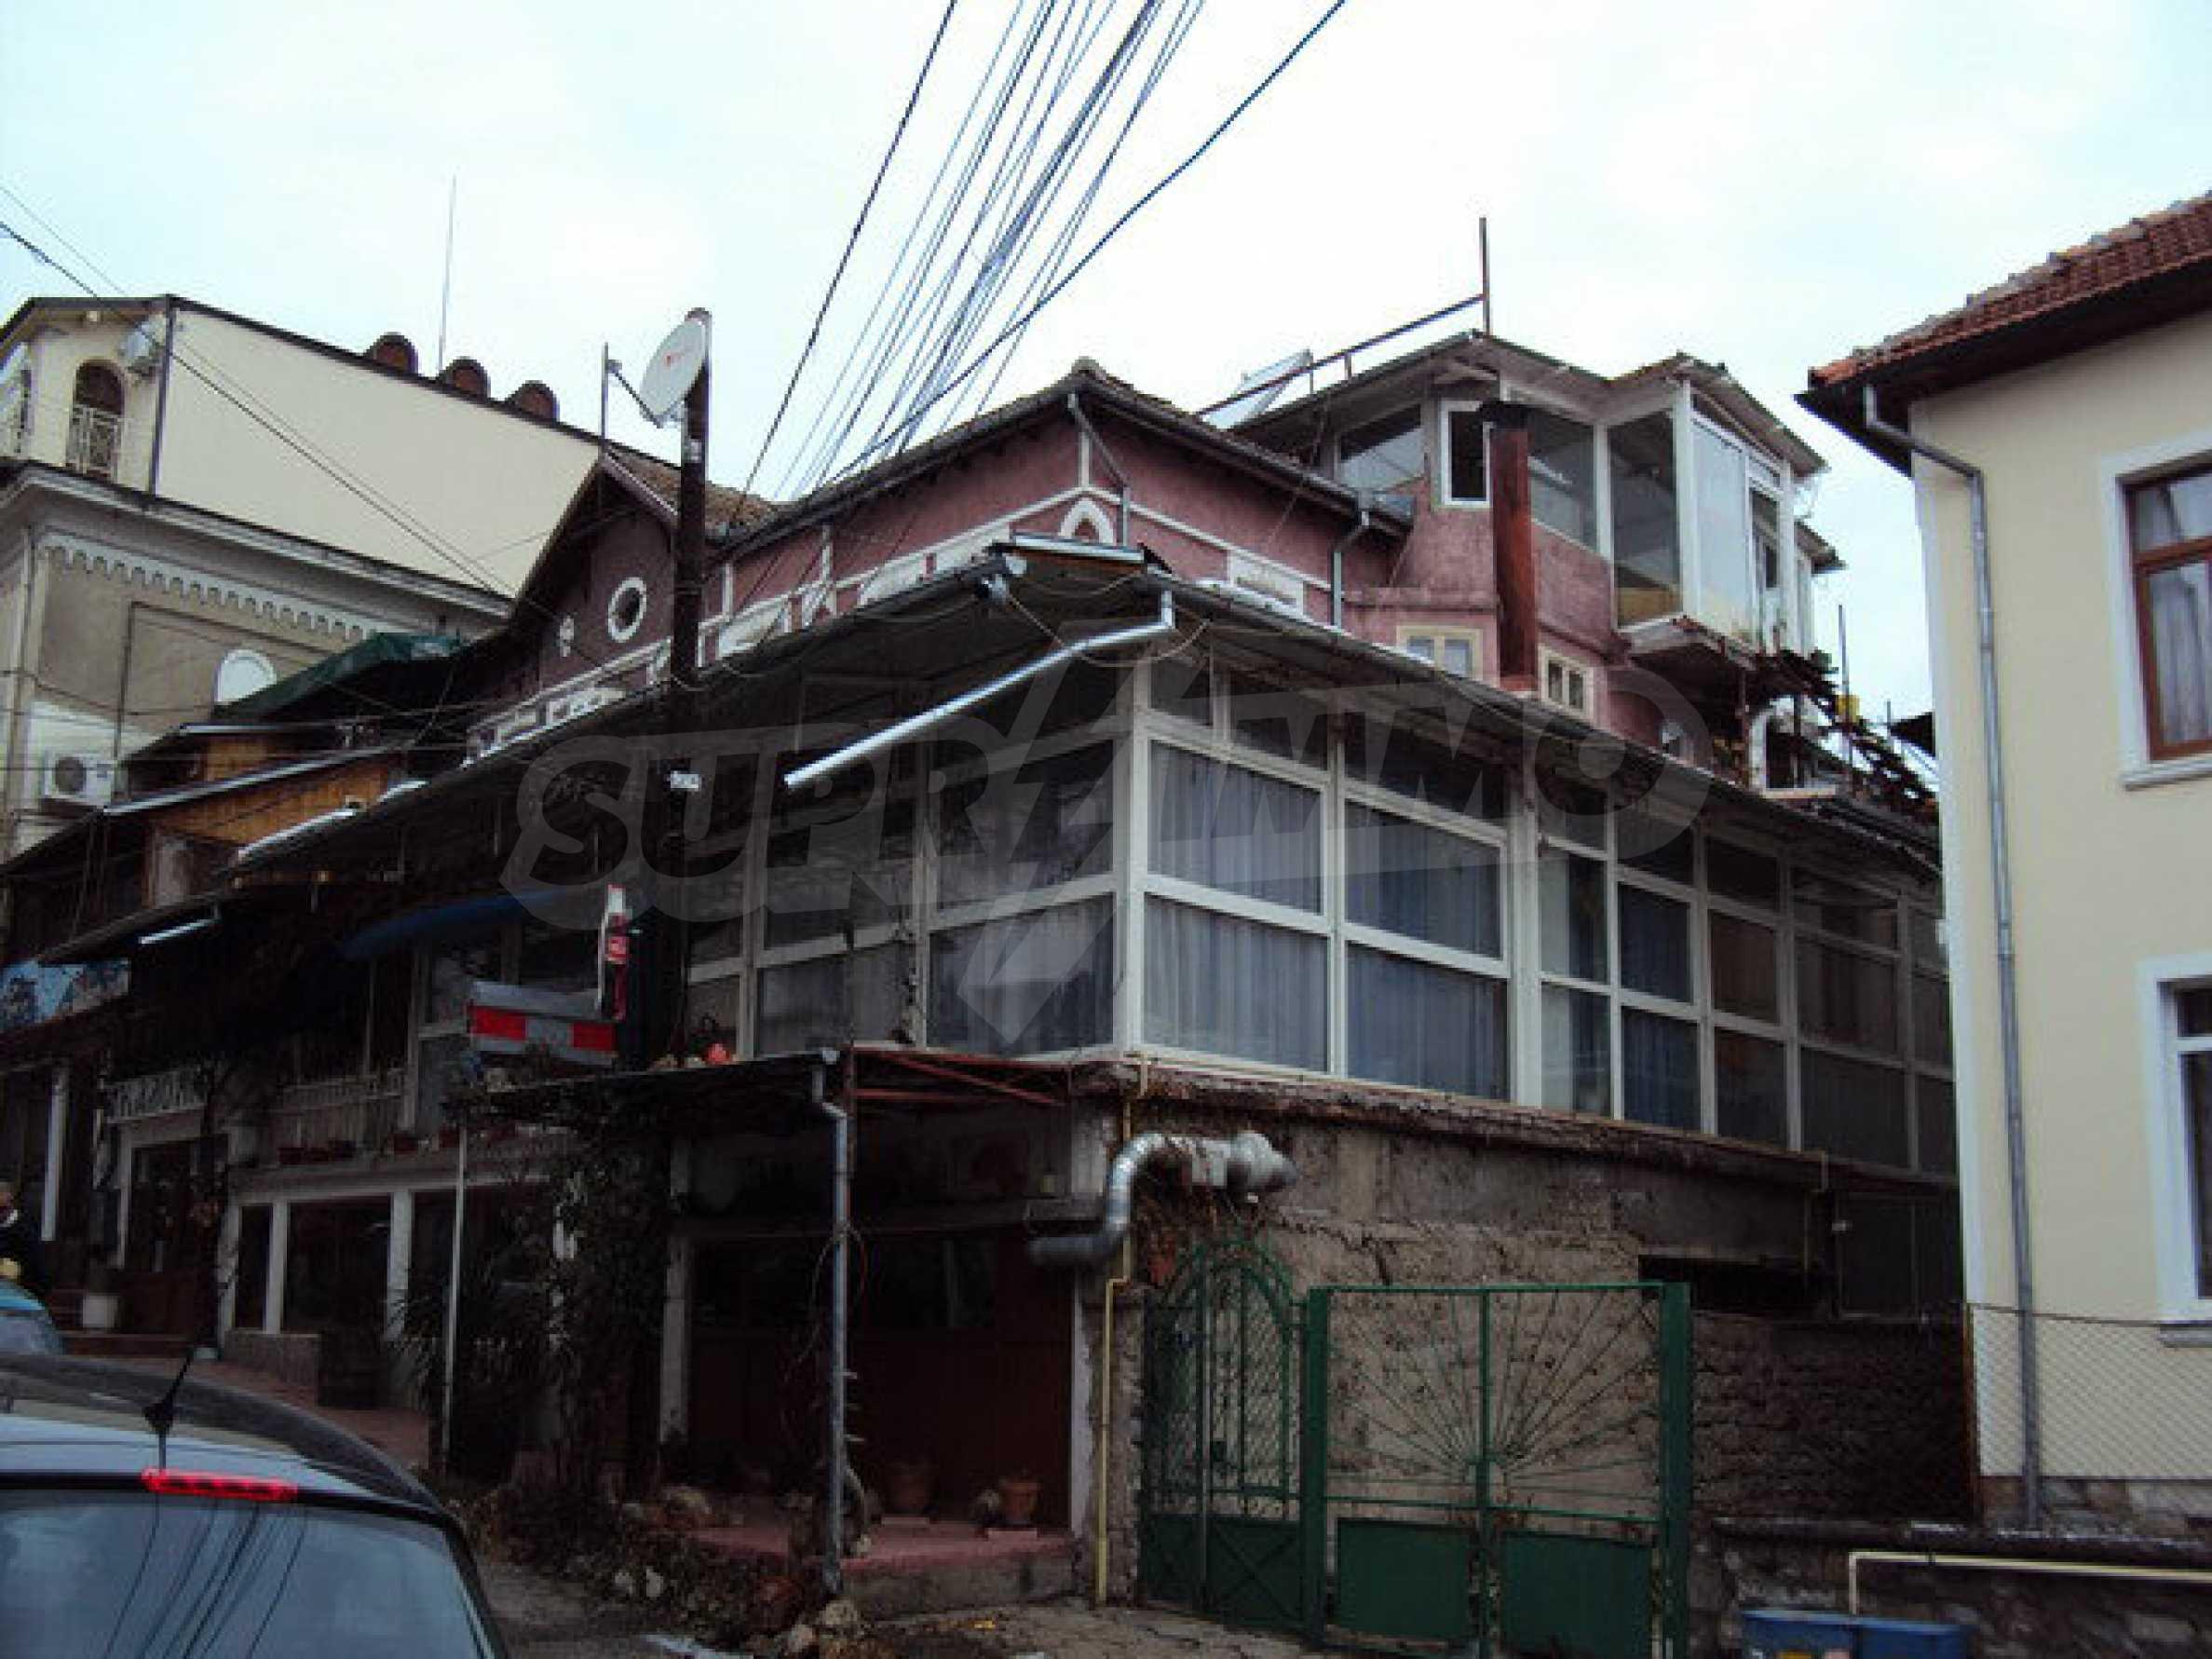 Трехэтажный дом в центре старой столицы - Велико Тырново 4